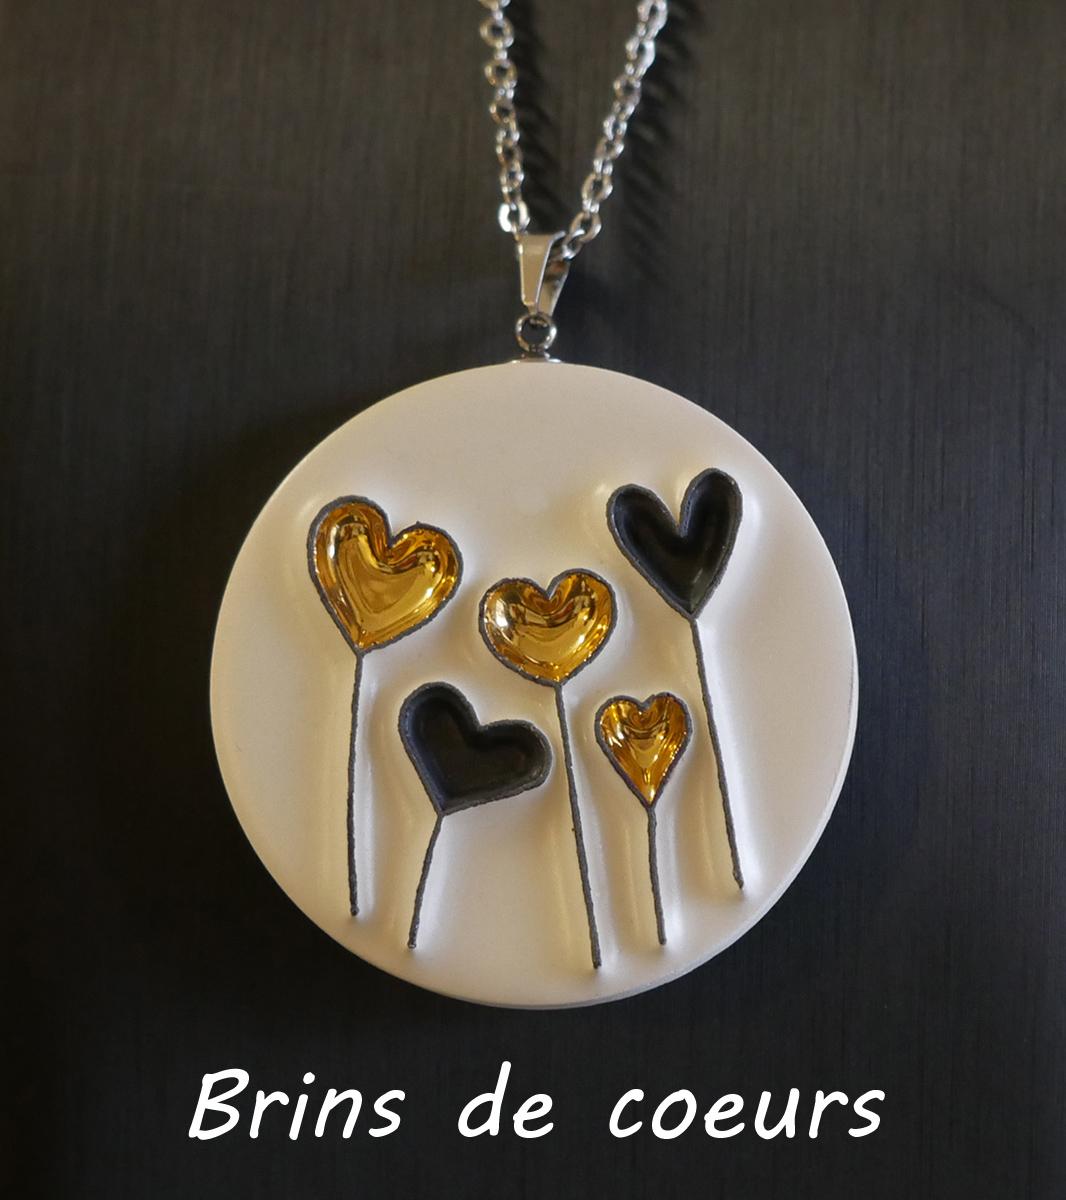 Brins de coeurs